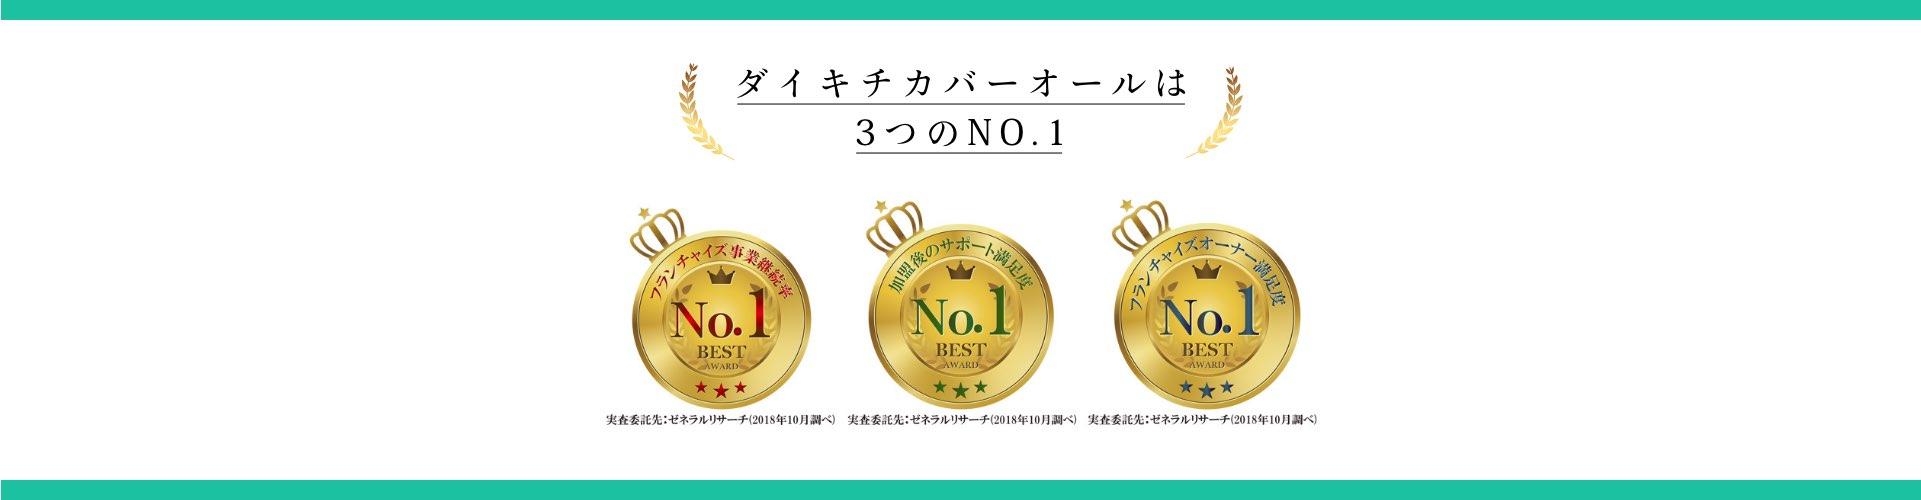 ダイキチカバーオールは3つのNo.1